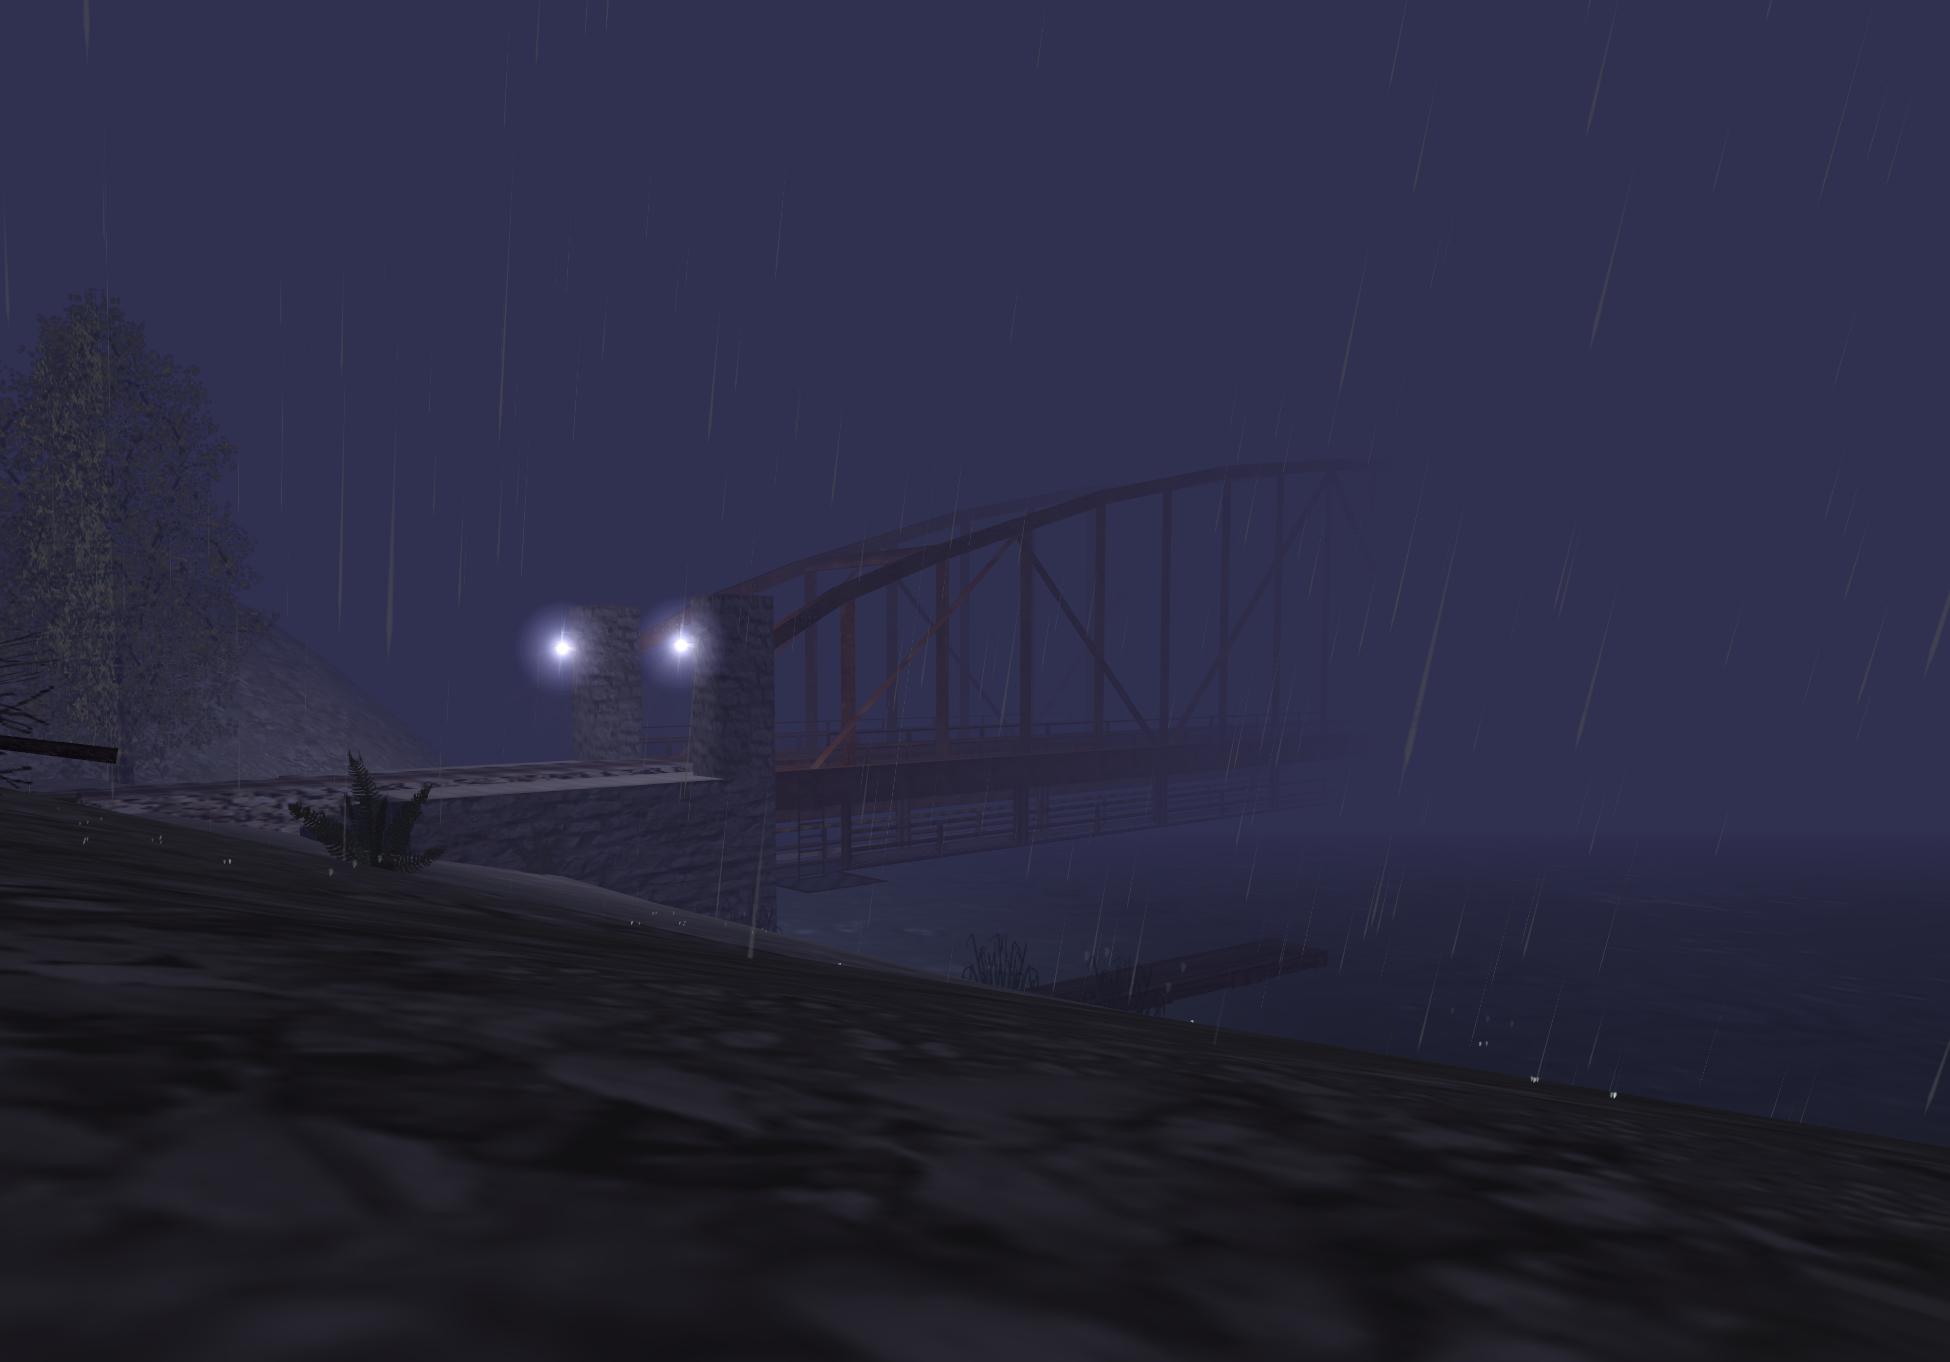 bridge_2020-12-19.jpg